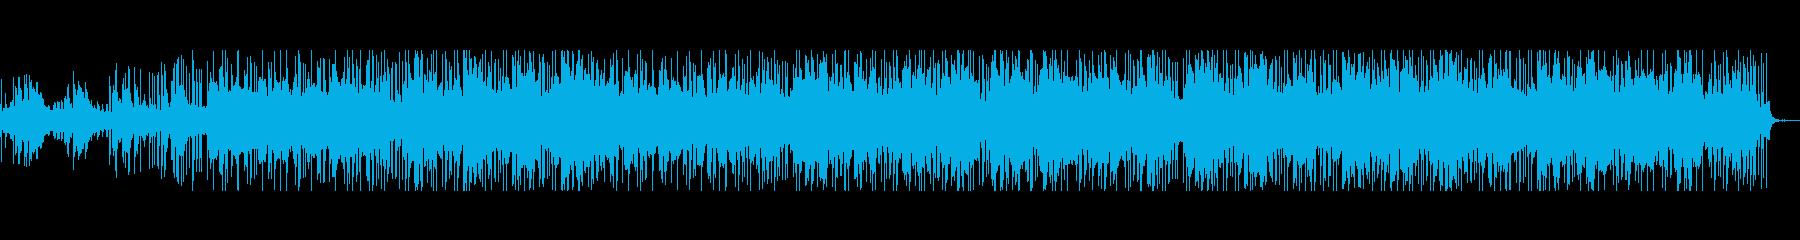 世界を愁うような切なくlo-fiなBGMの再生済みの波形